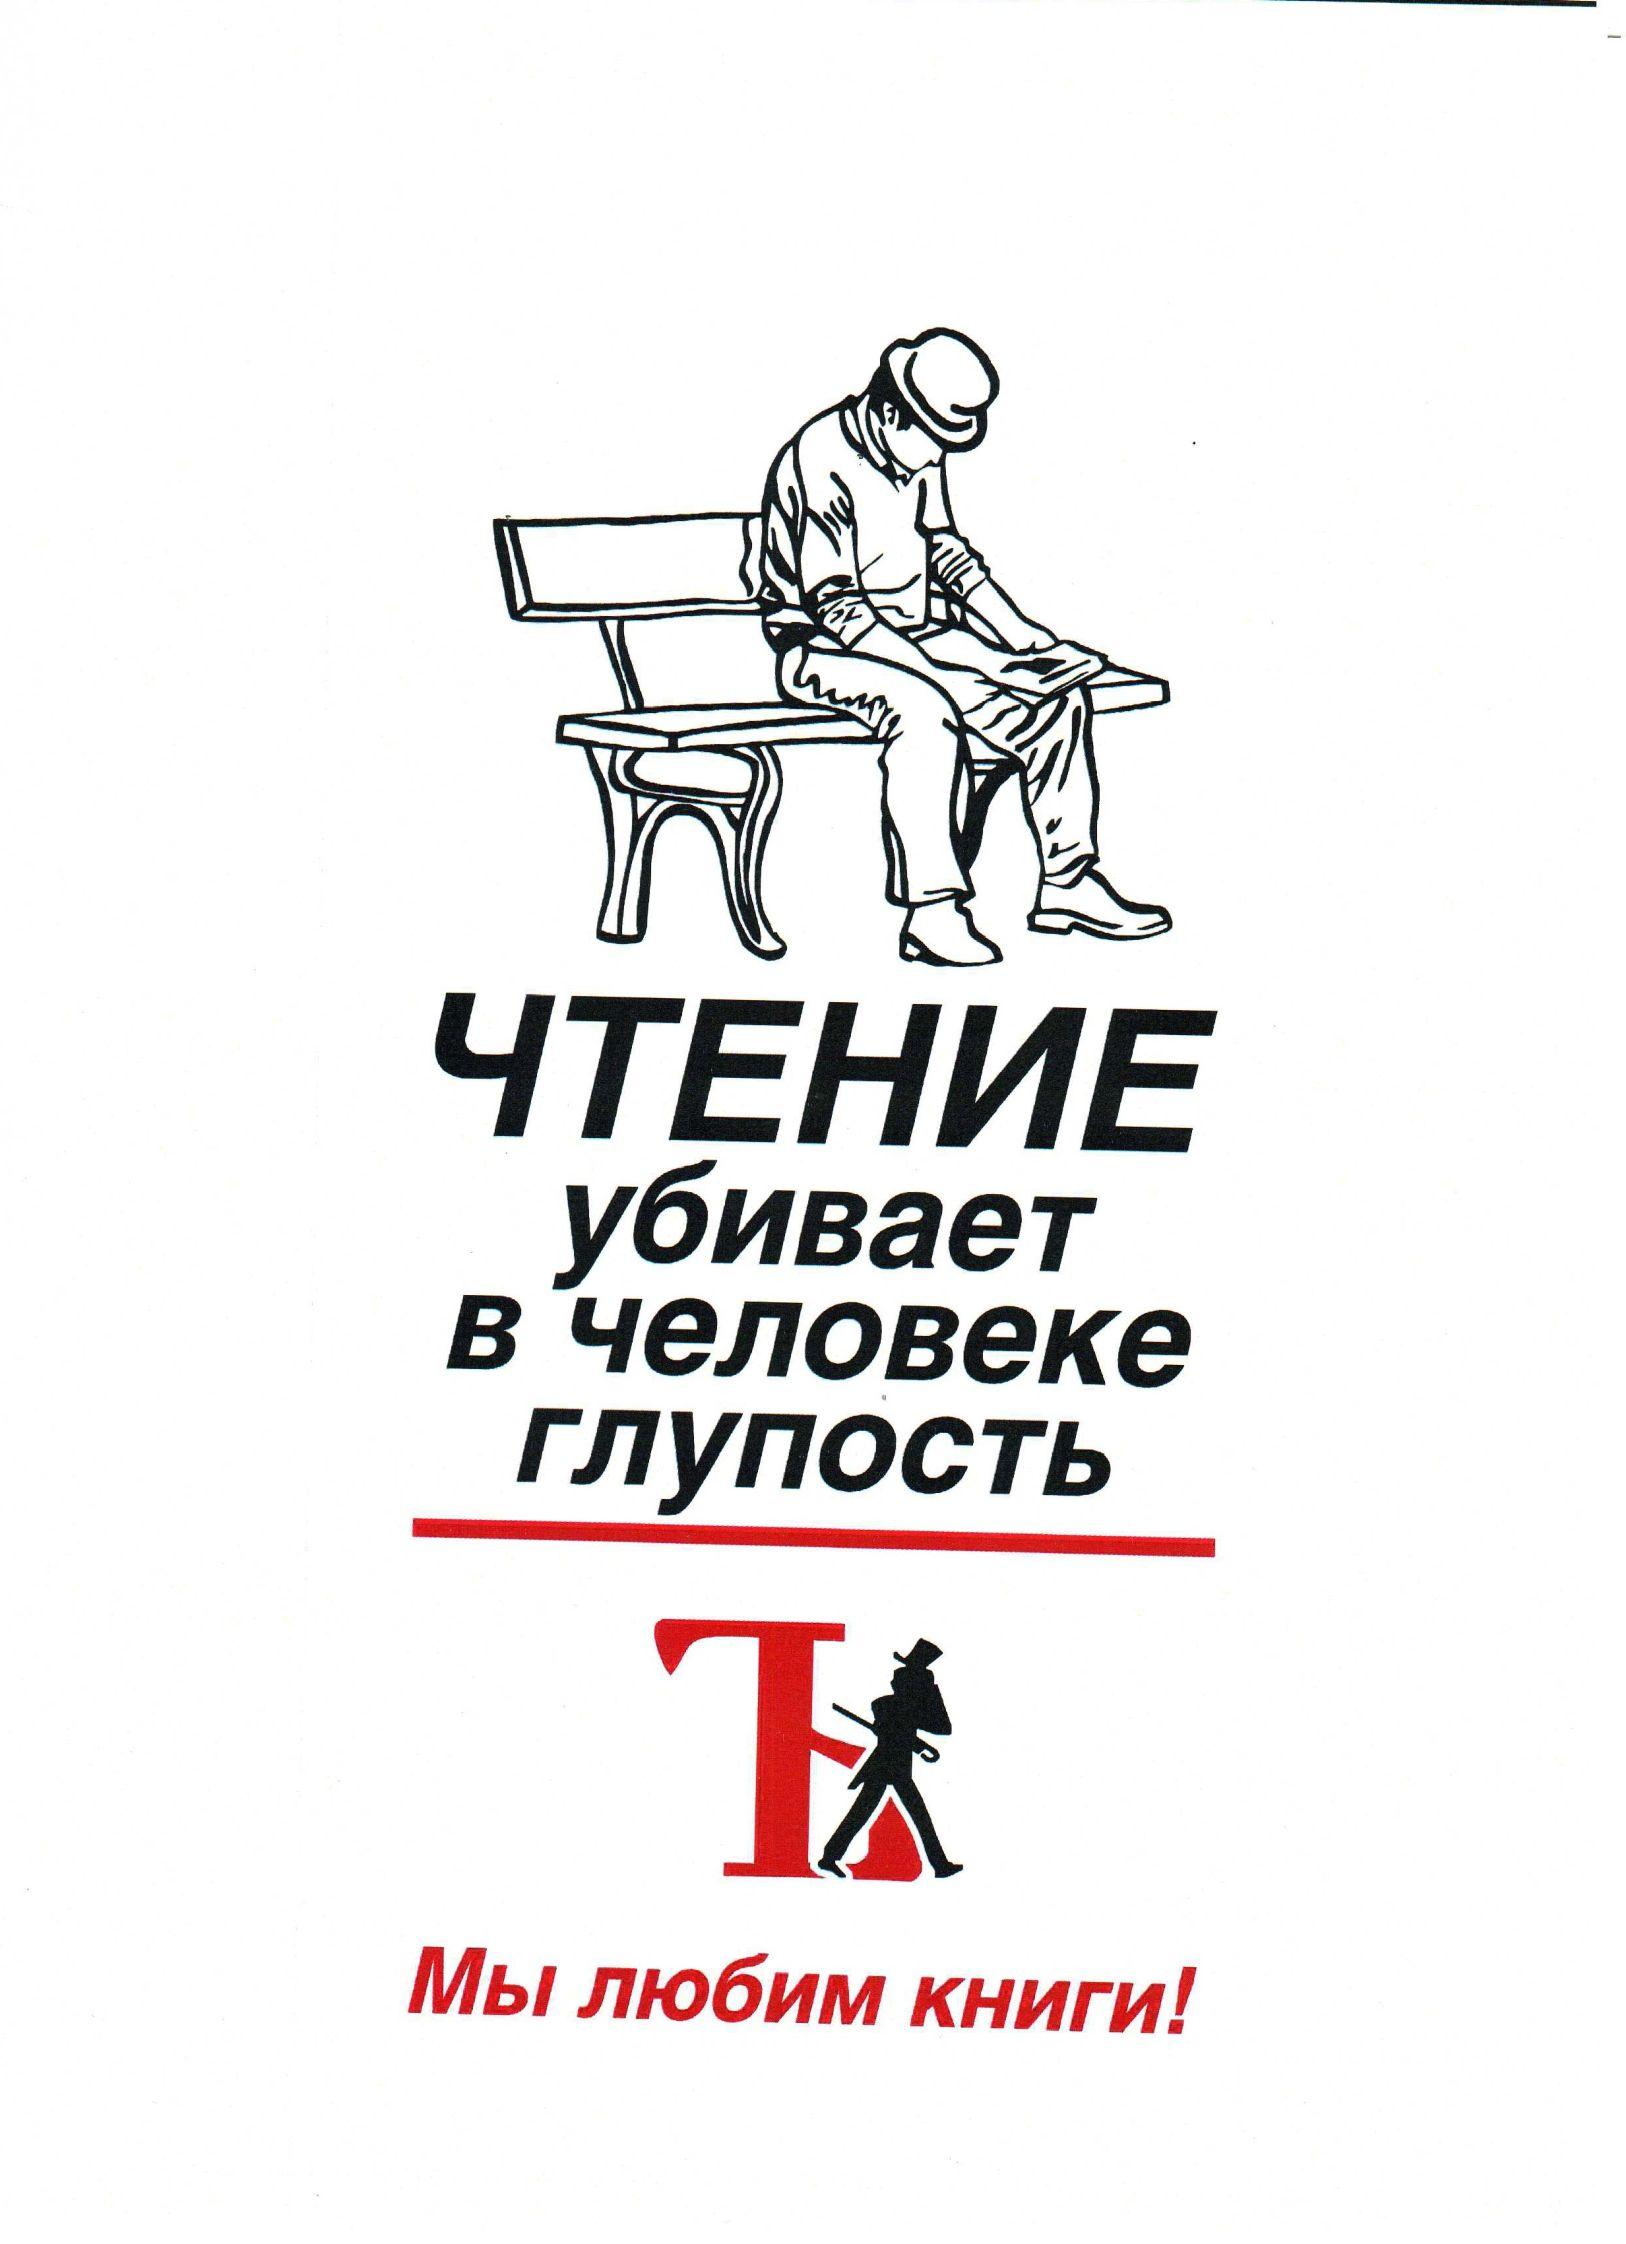 Сумка ПродаЛитЪ ЧТЕНИЕ убивает в человеке глупость (тканевая)